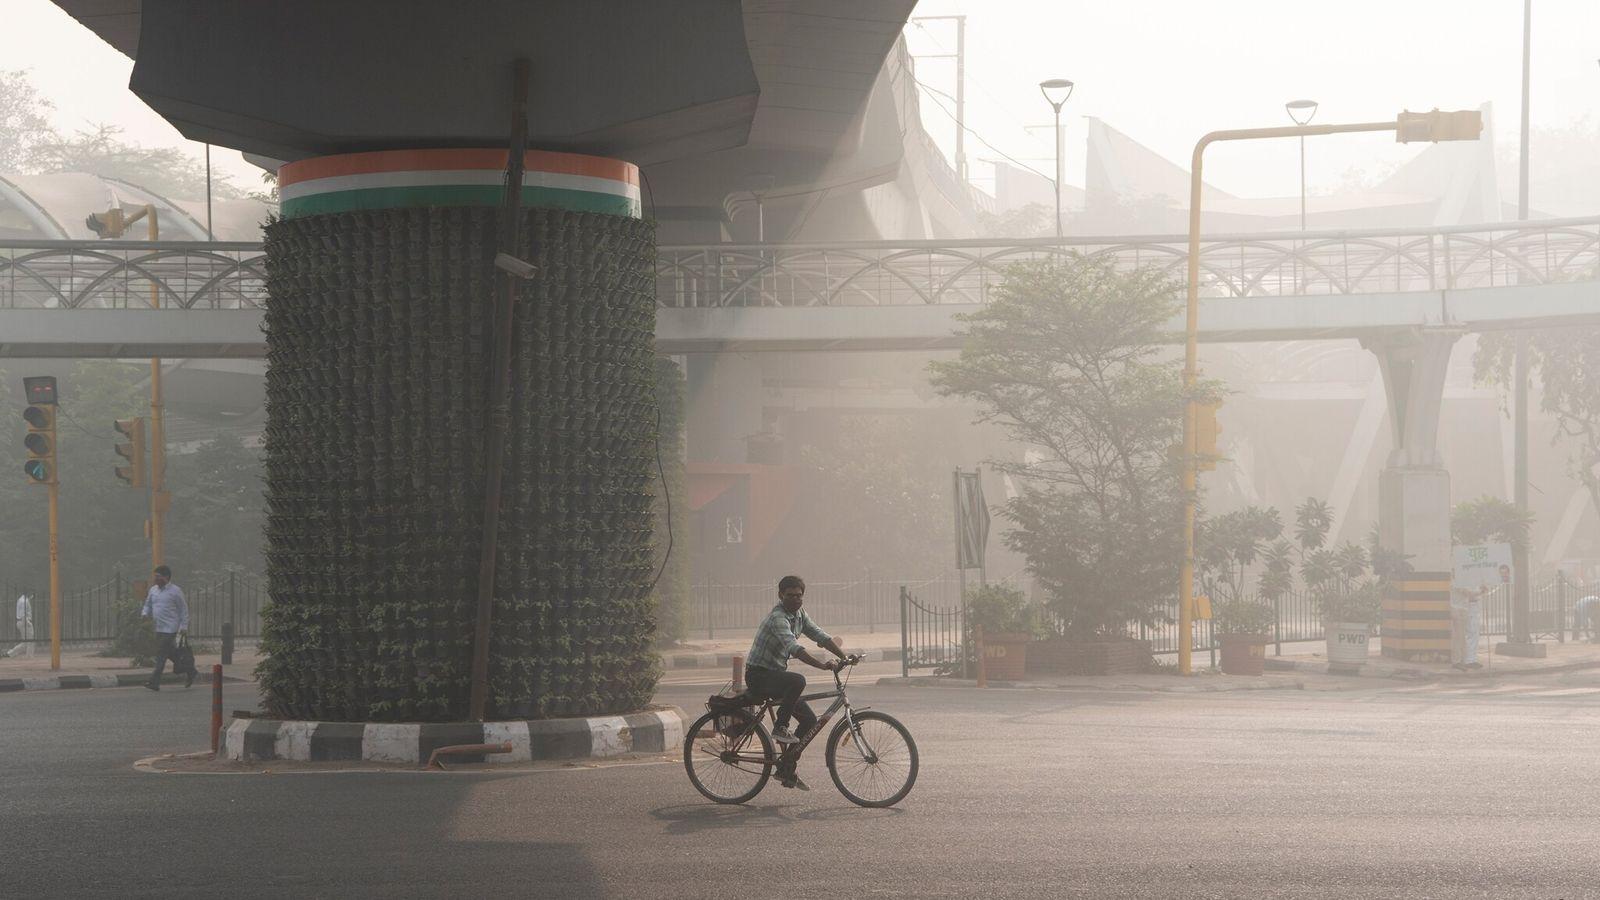 Près de Pragati Maidan à New Delhi en Inde, le brouillard de pollution matinal enveloppe les jardins verticaux ...